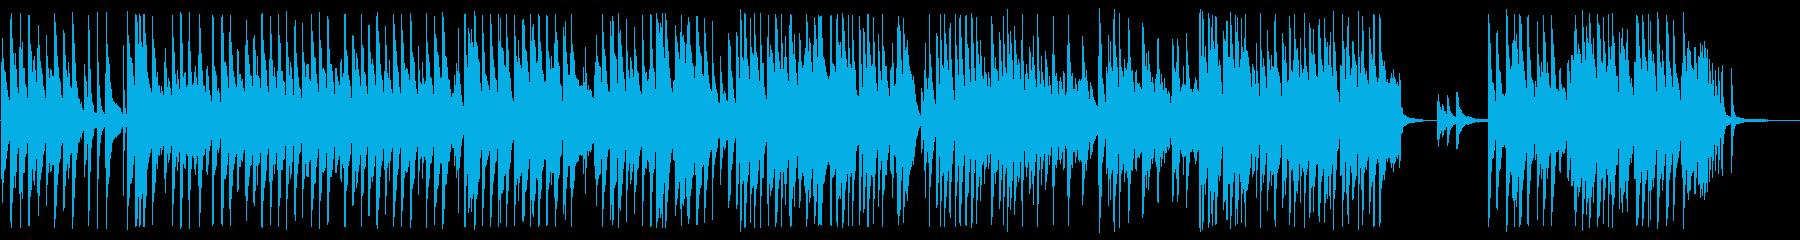 卒業生退場に合うピアノBGMの再生済みの波形